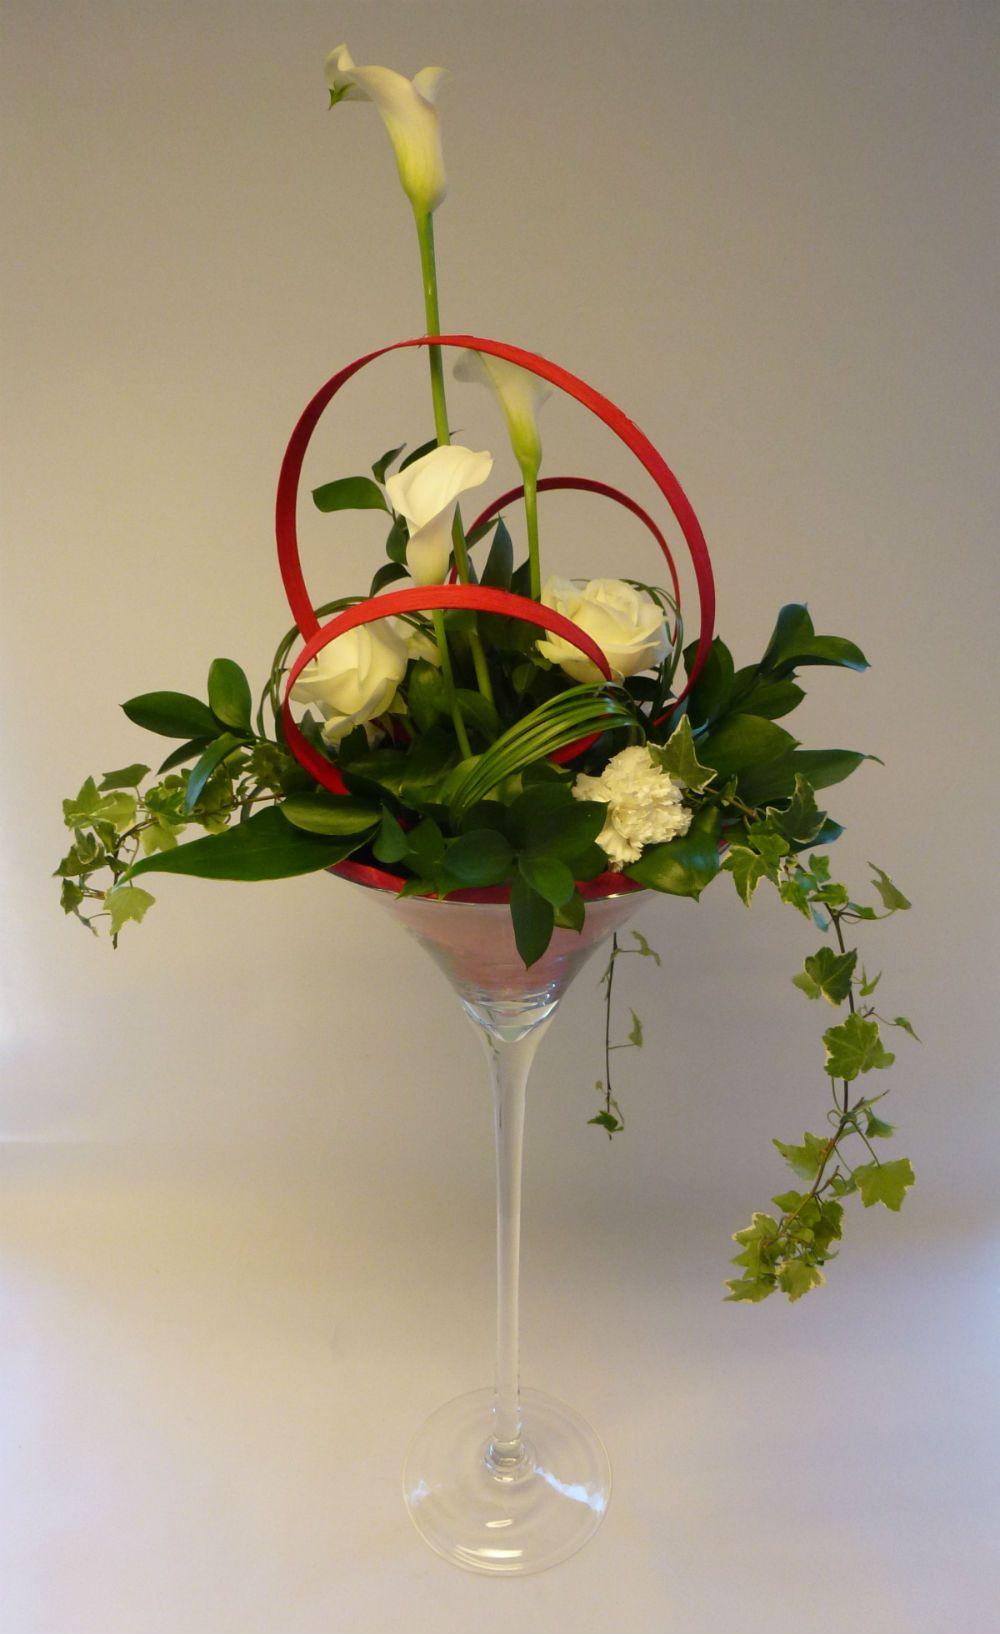 Dcoration De Table En Vase Martini Dcoration De Table